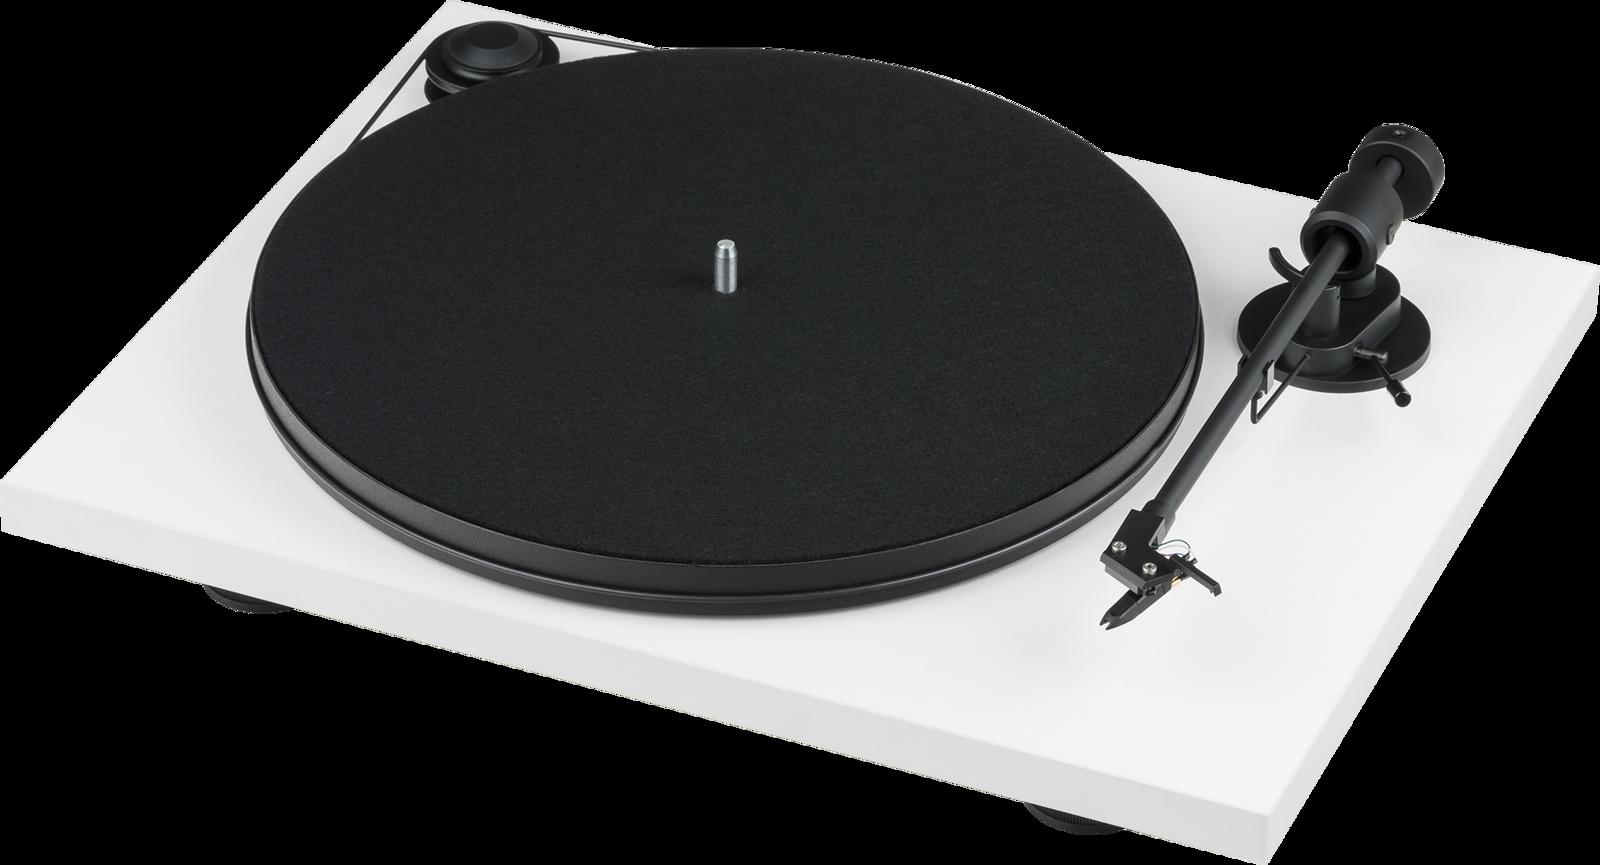 Manualny, półautomatyczny czy automatyczny - jaki wybrać gramofon?